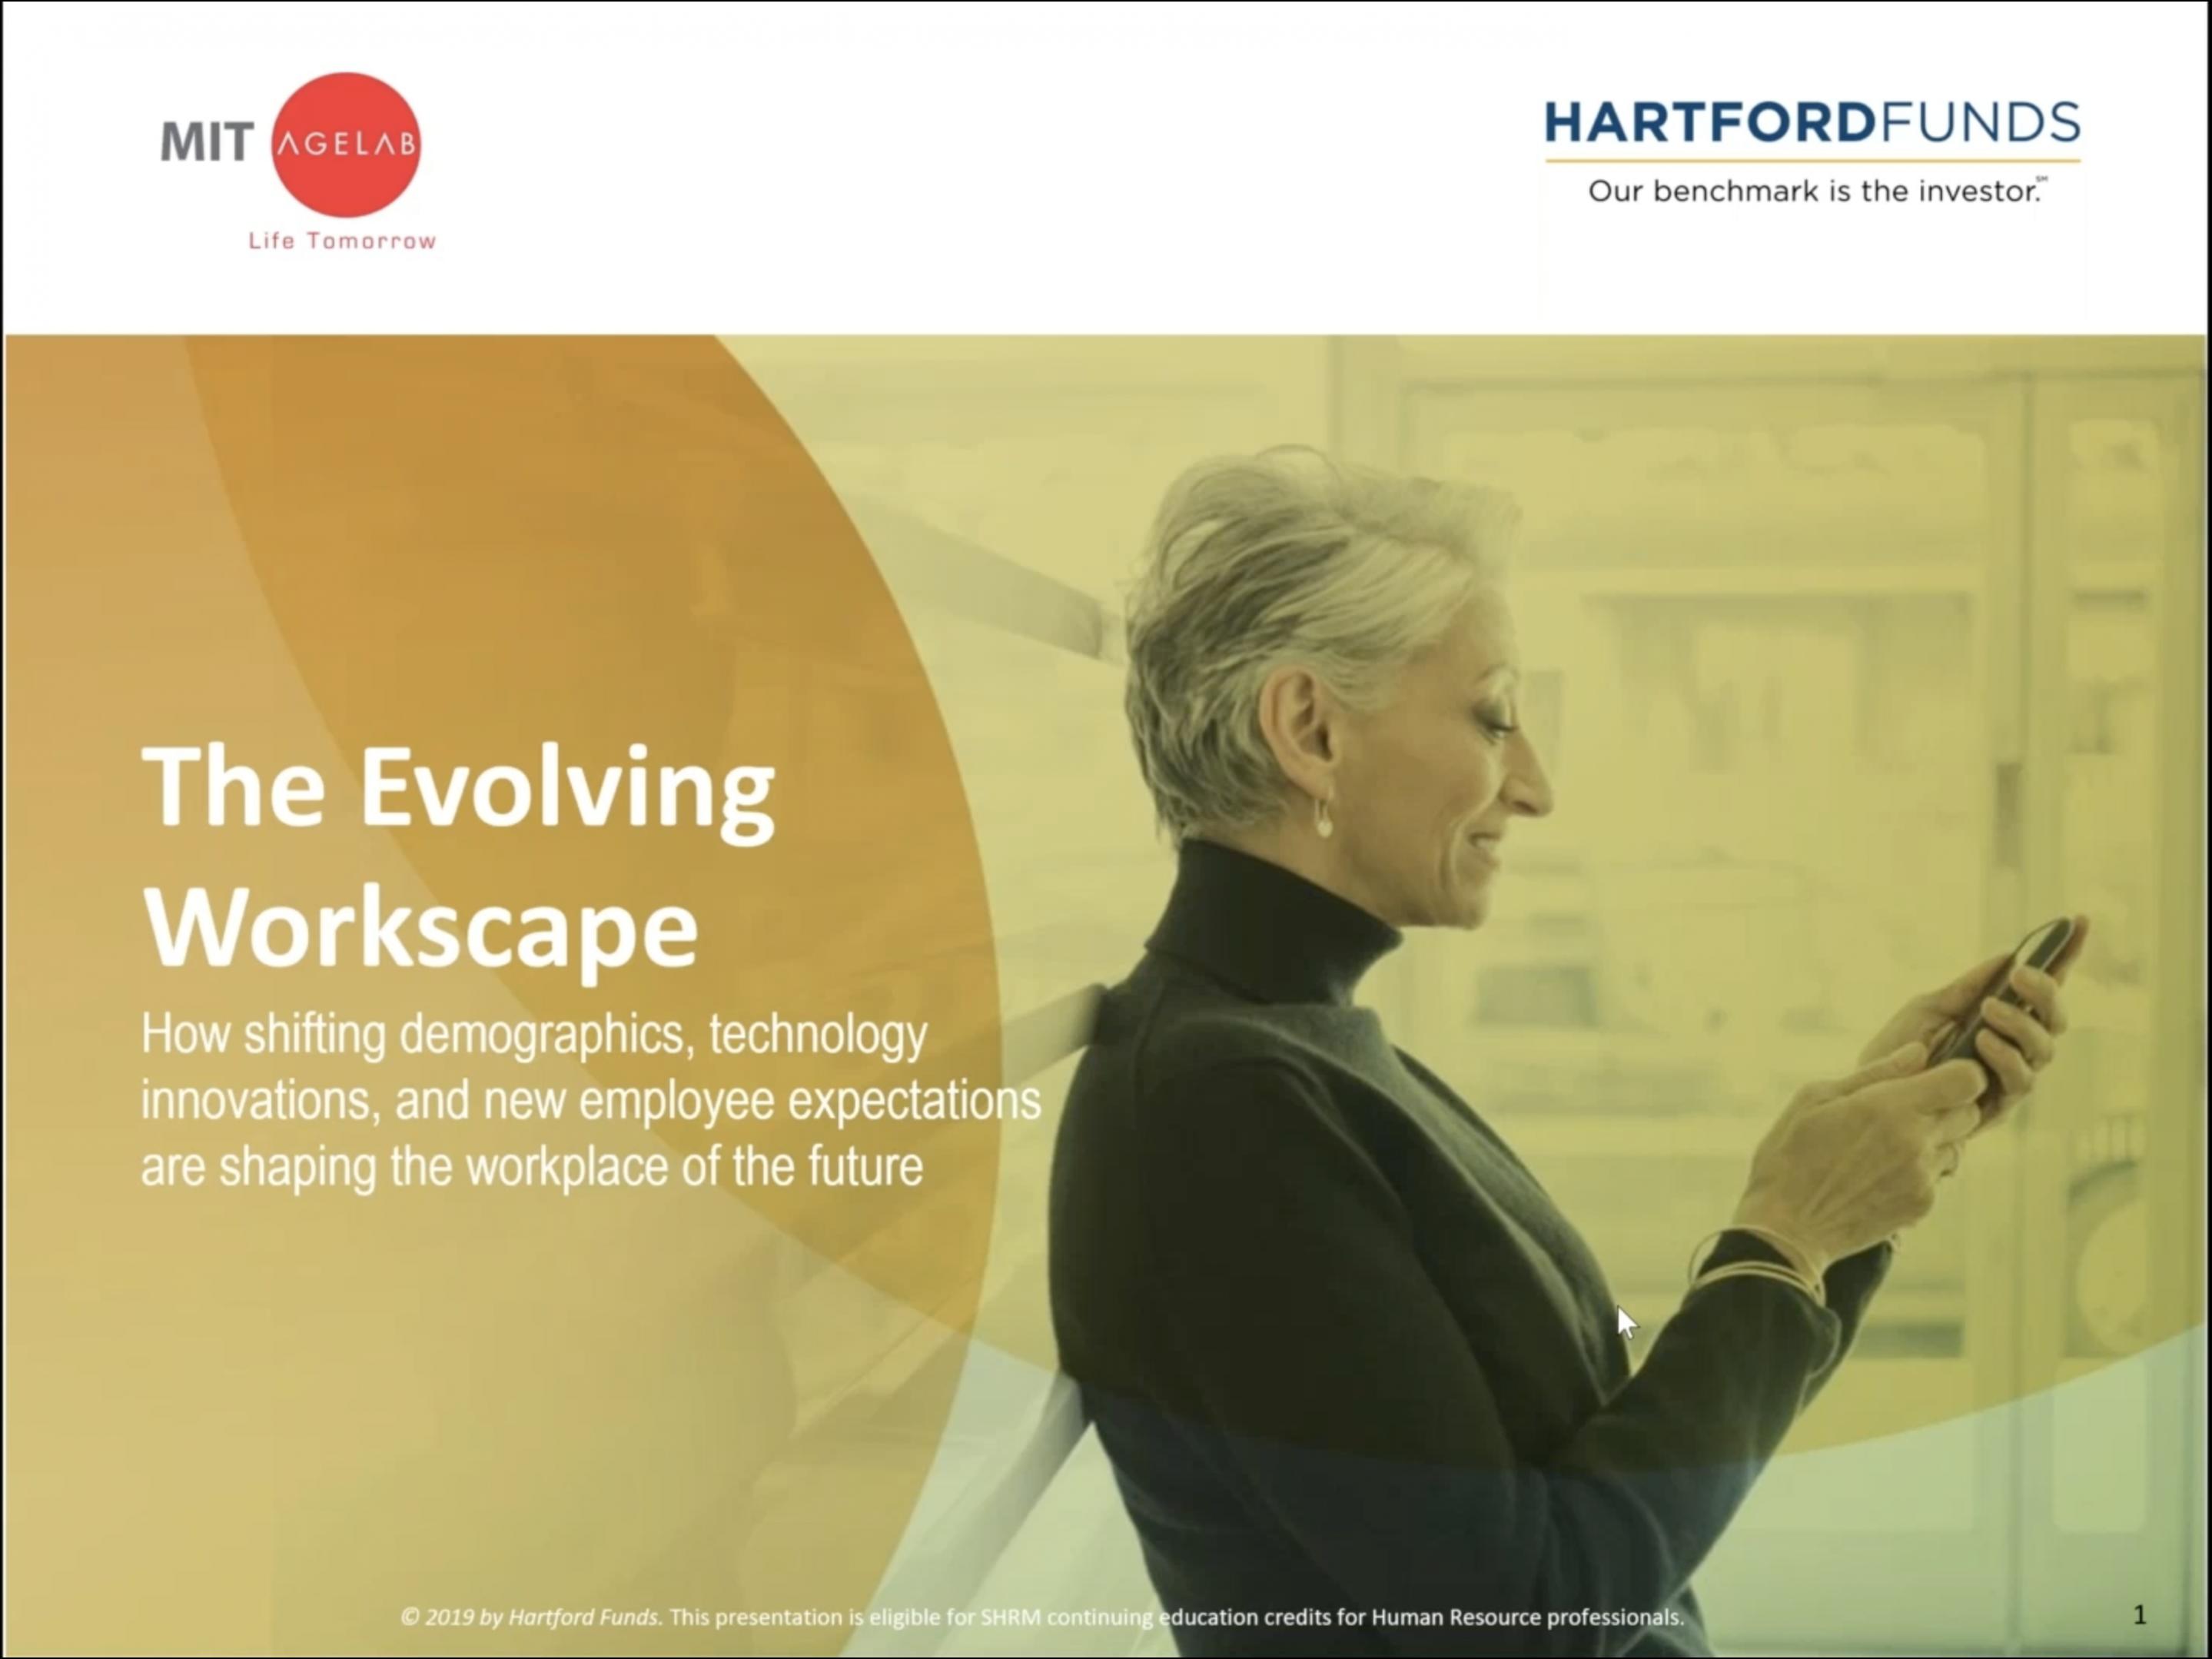 MIT AgeLab: Evolving Workscape